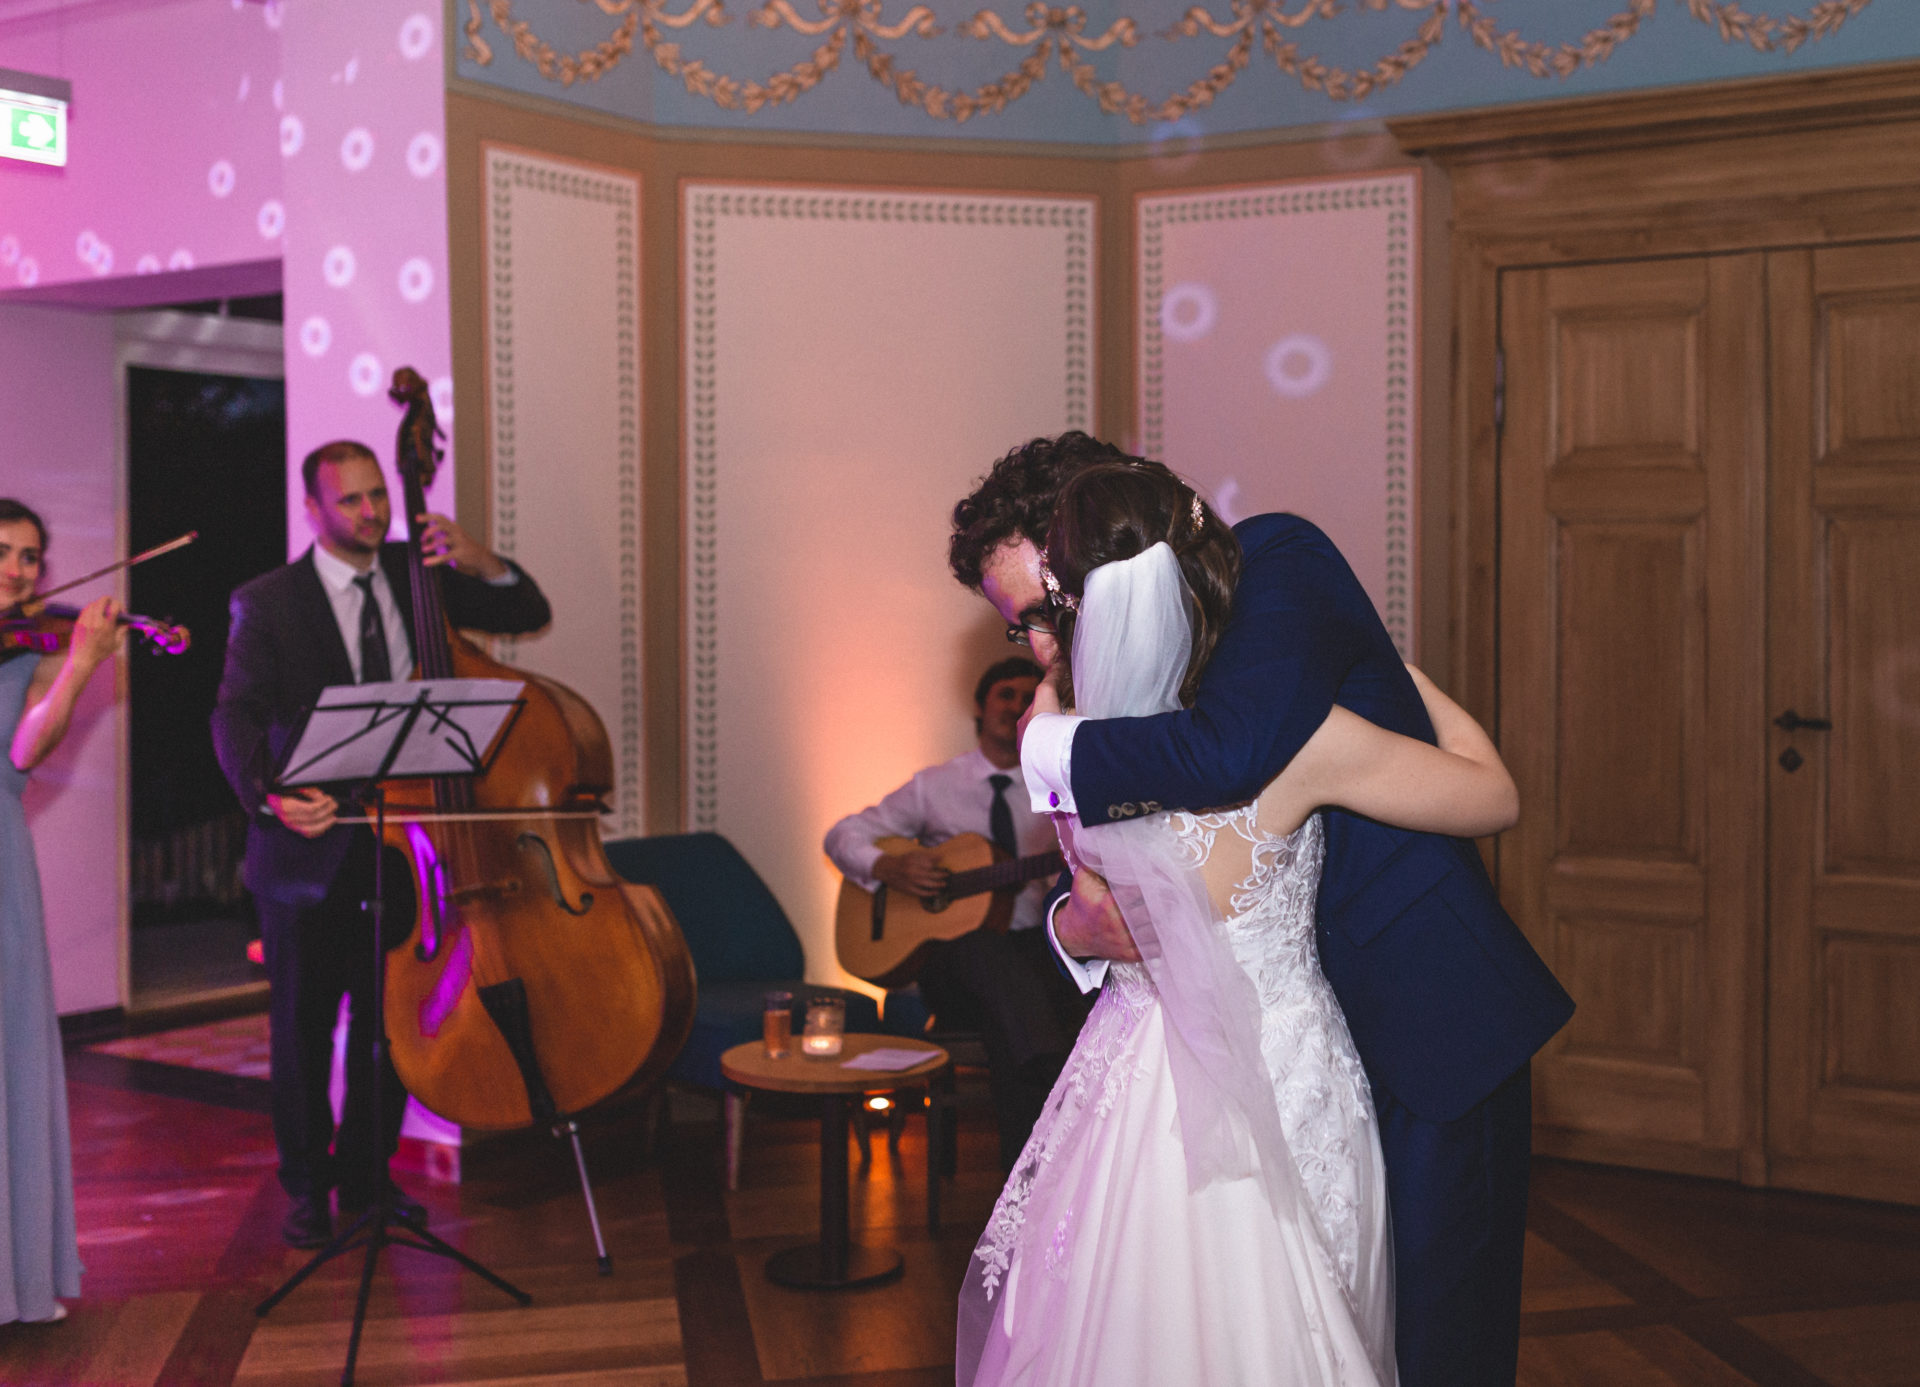 Hochzeitsreportage | Freie Trauung im Herrenhaus Möckern in Leipzig | 54